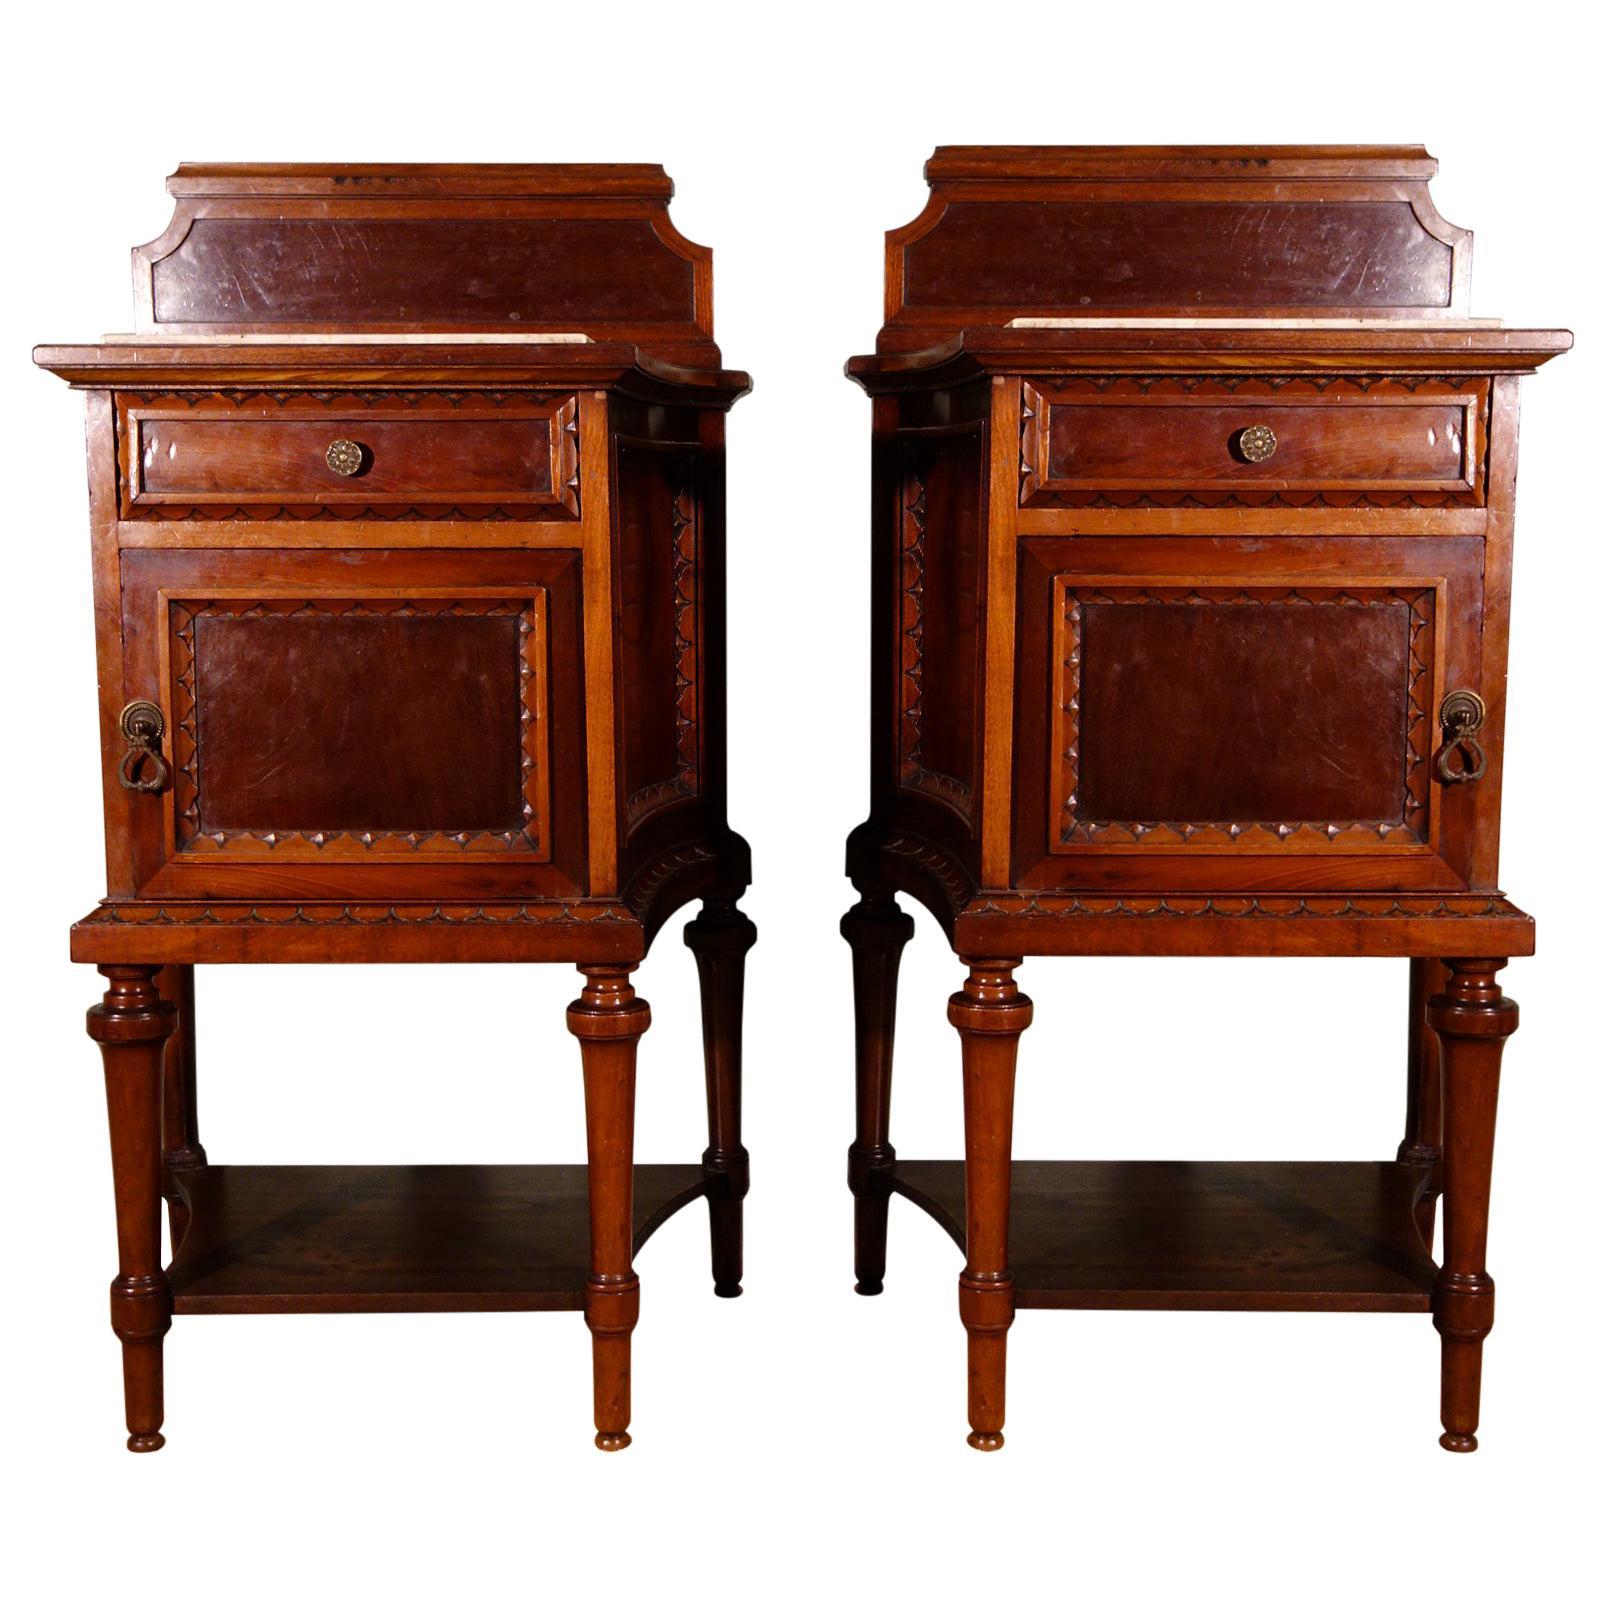 Pair of 19th Century Mahogany Nightstand